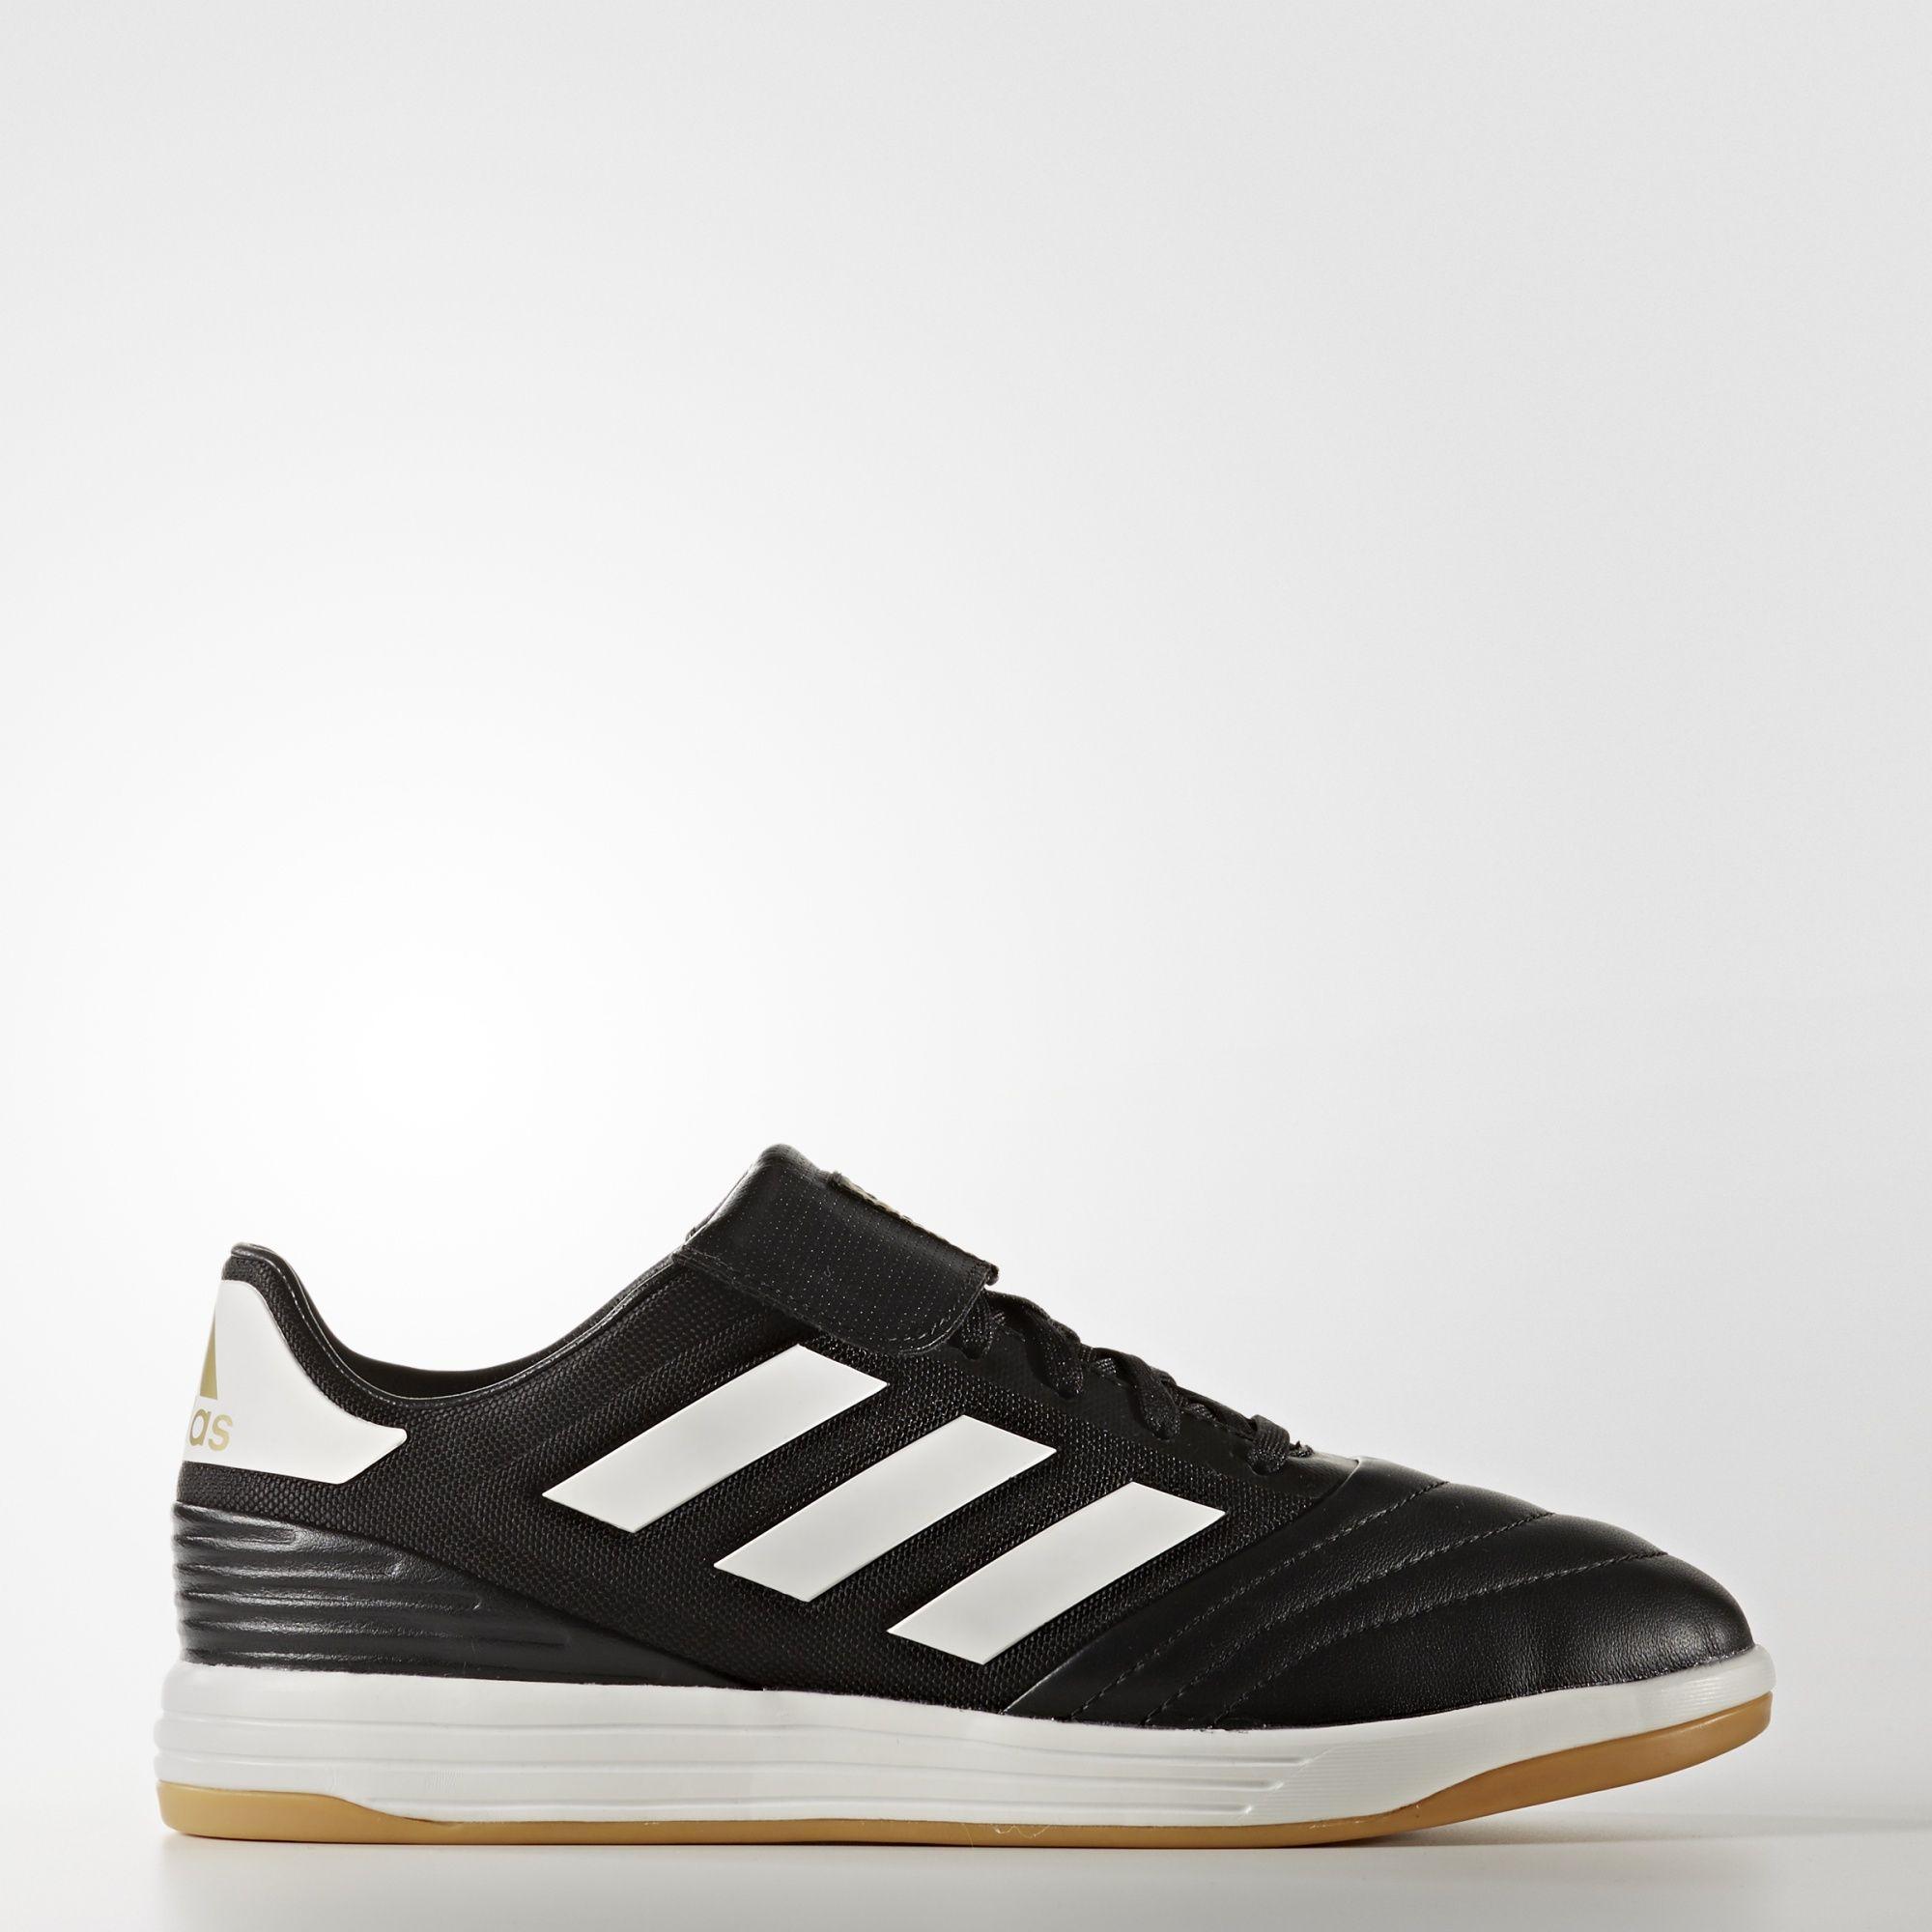 Jual Sepatu Futsal ADIDAS COPA TANGO 17 2 BA8531 Original BNIB NEVERFAKE Sport Store